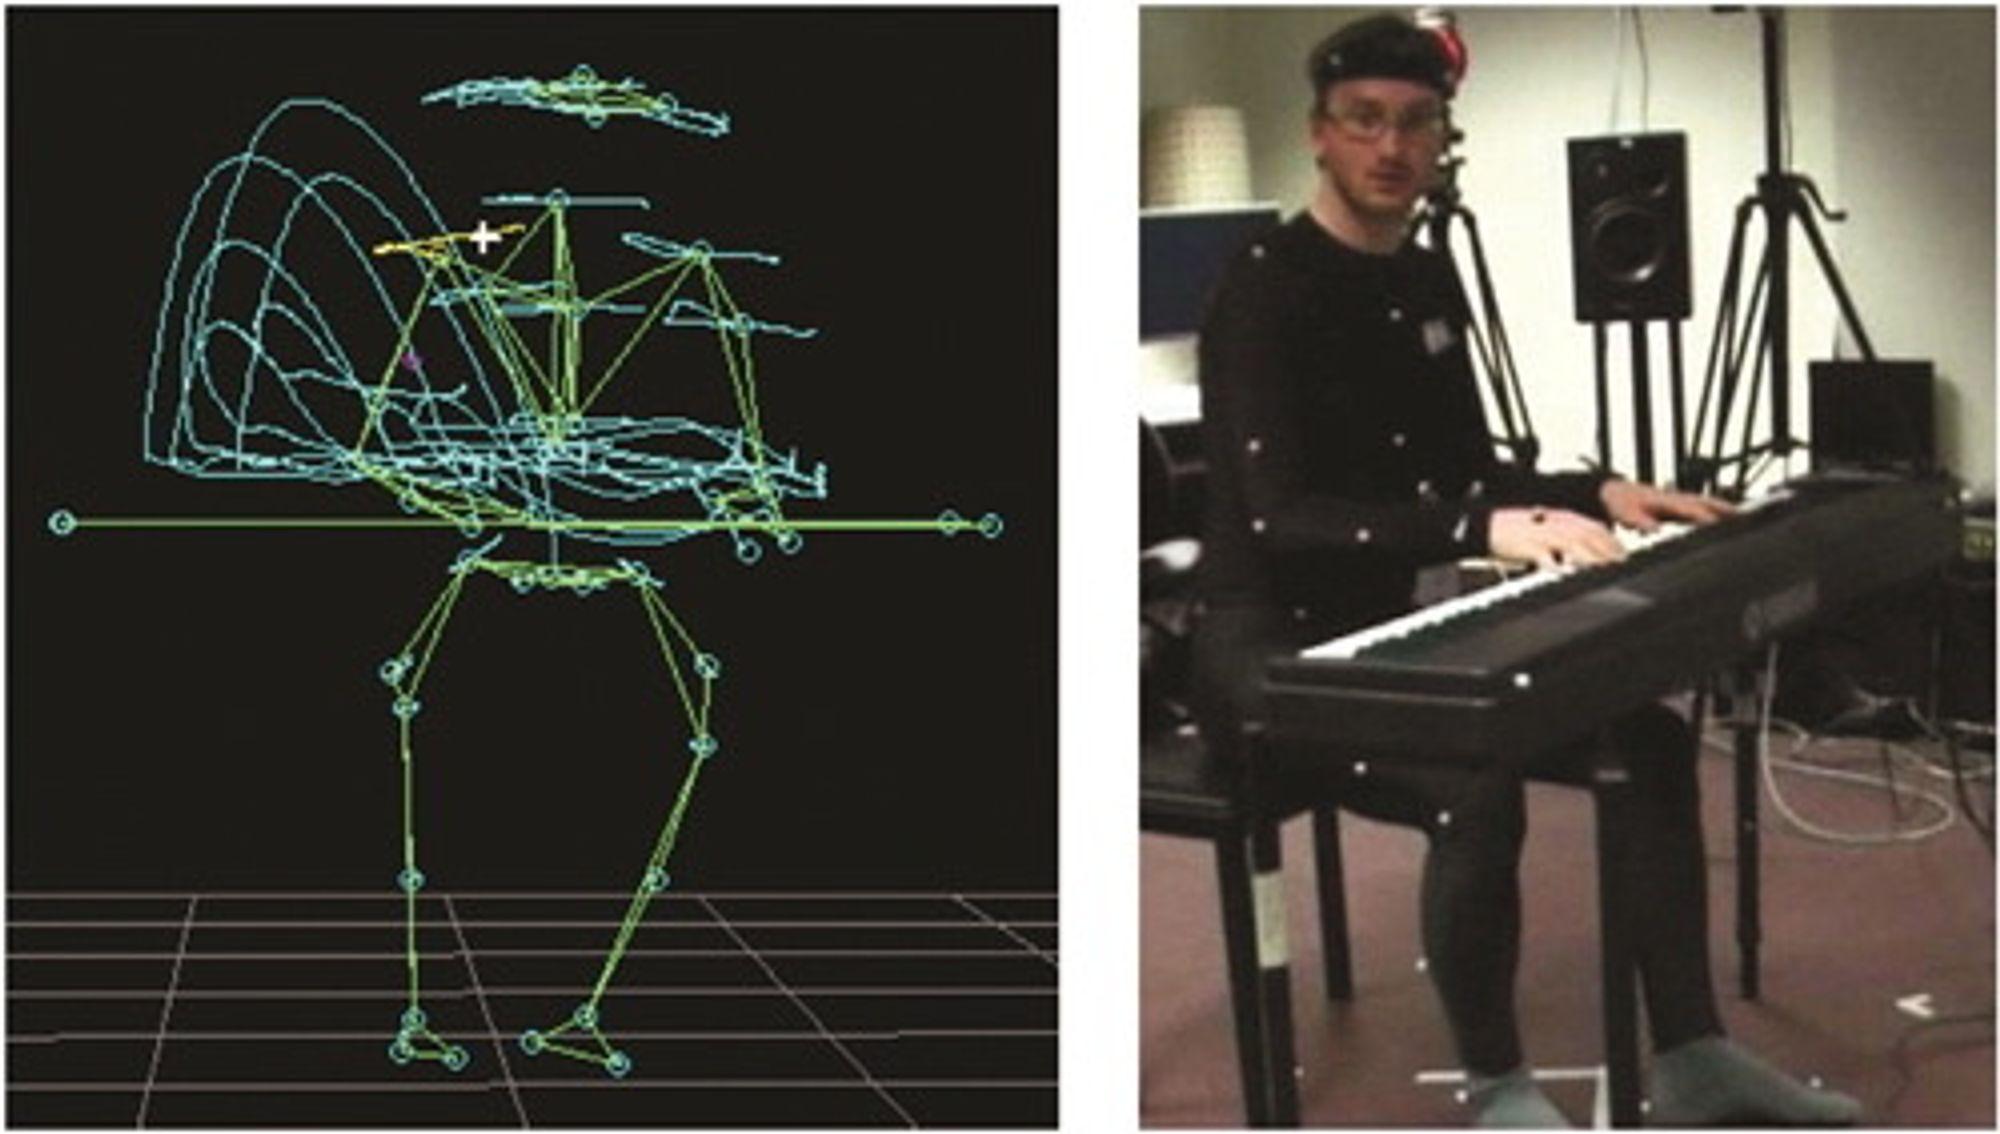 Postdoktor Alexander Refsum Jensenius spiller piano med et infrarødt bevegelsessporingssystem.